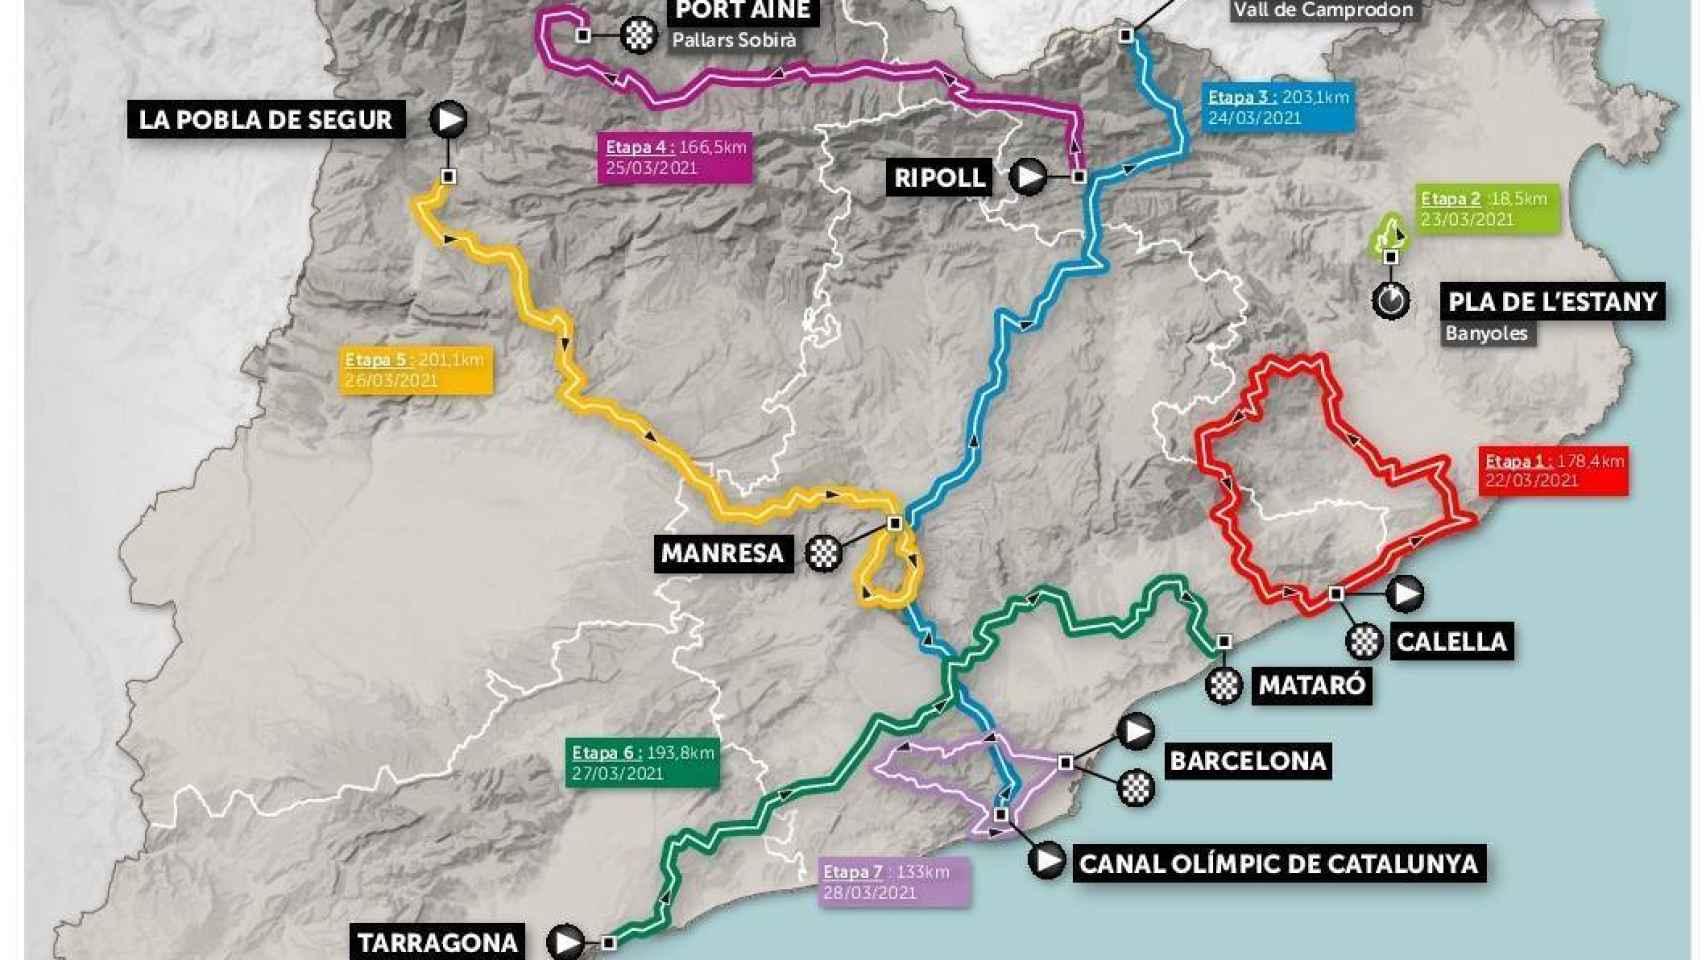 El recorrido de la Volta a Cataluña 2021